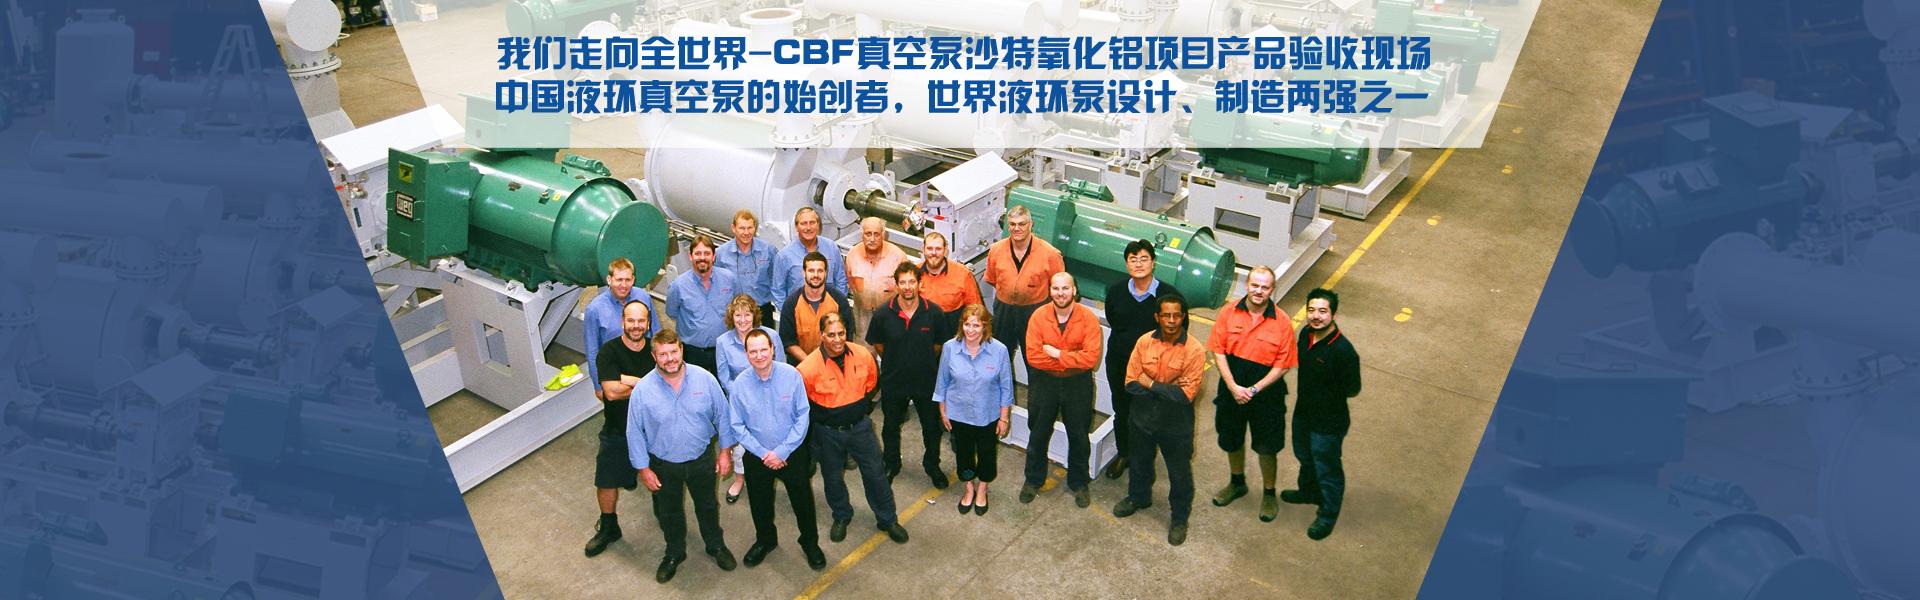 佛山市肯富来机电产品销售有限公司发展多年以来打造了驰名品牌肯富来,未来致力打造佛山水泵厂大品牌。